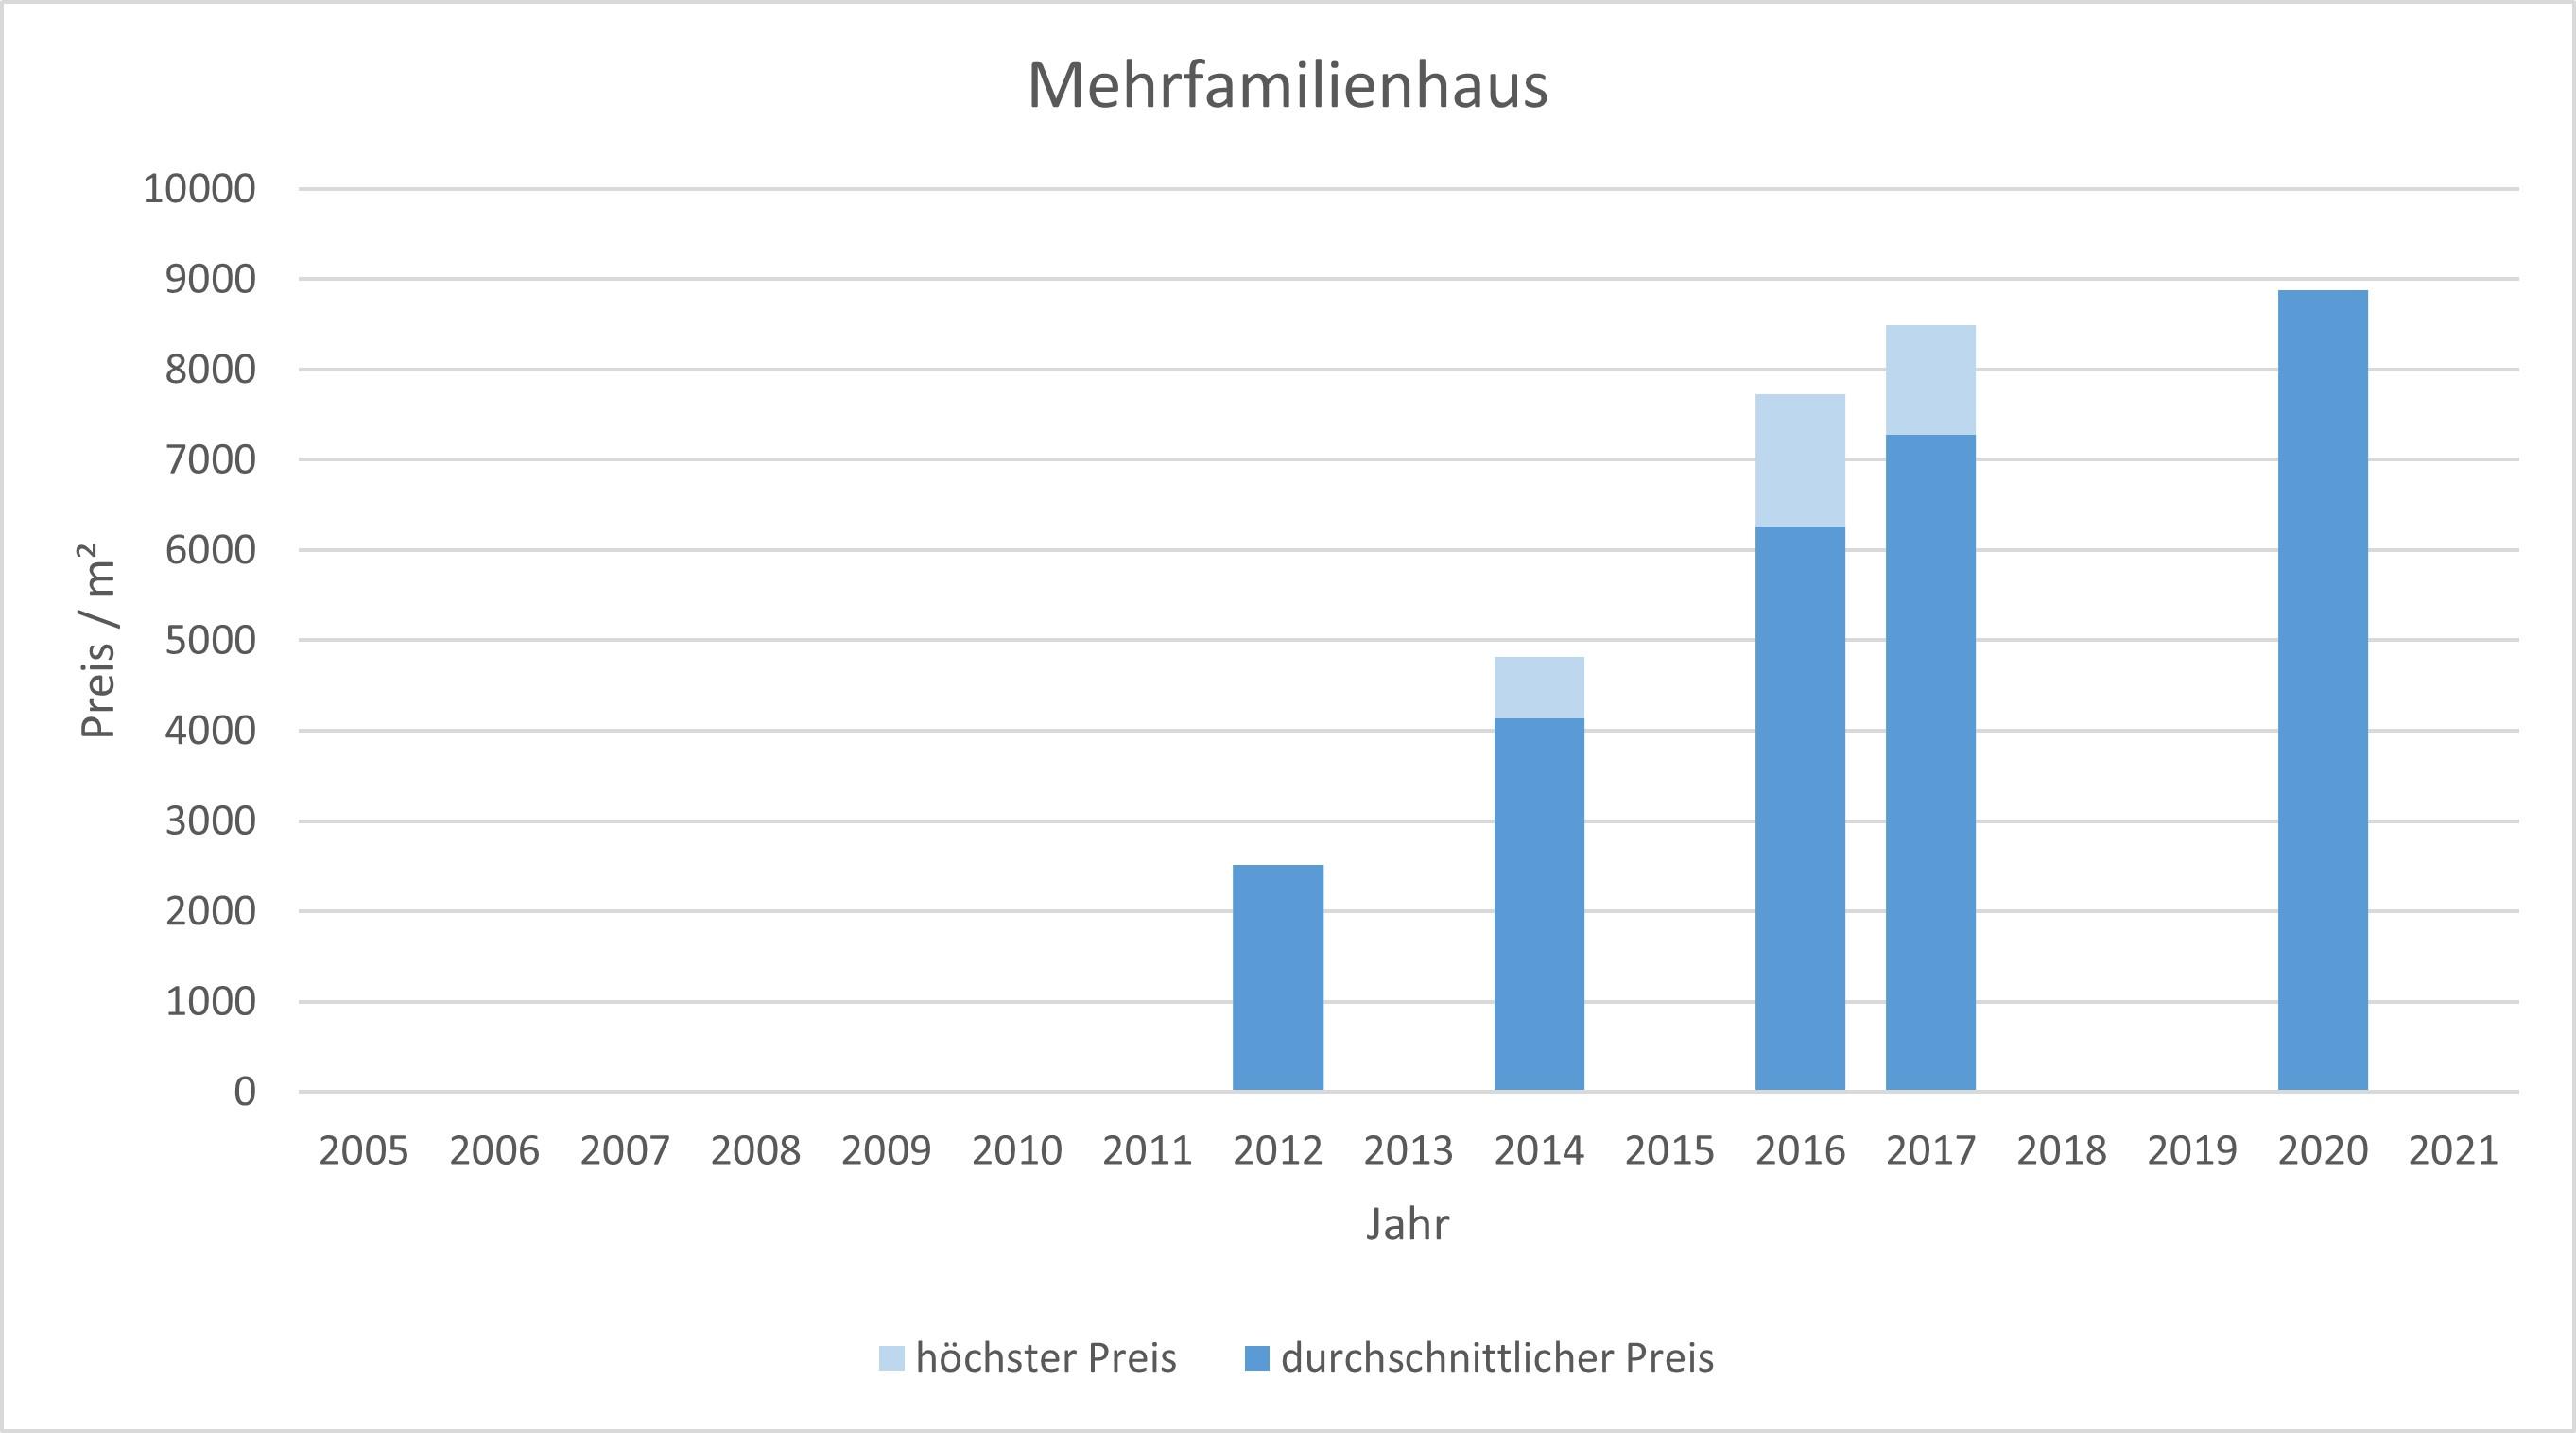 München - Landwied Mehrfamilienhaus kaufen verkaufen Preis Bewertung  2019 2020 2021 Makler www.happy-immo.de